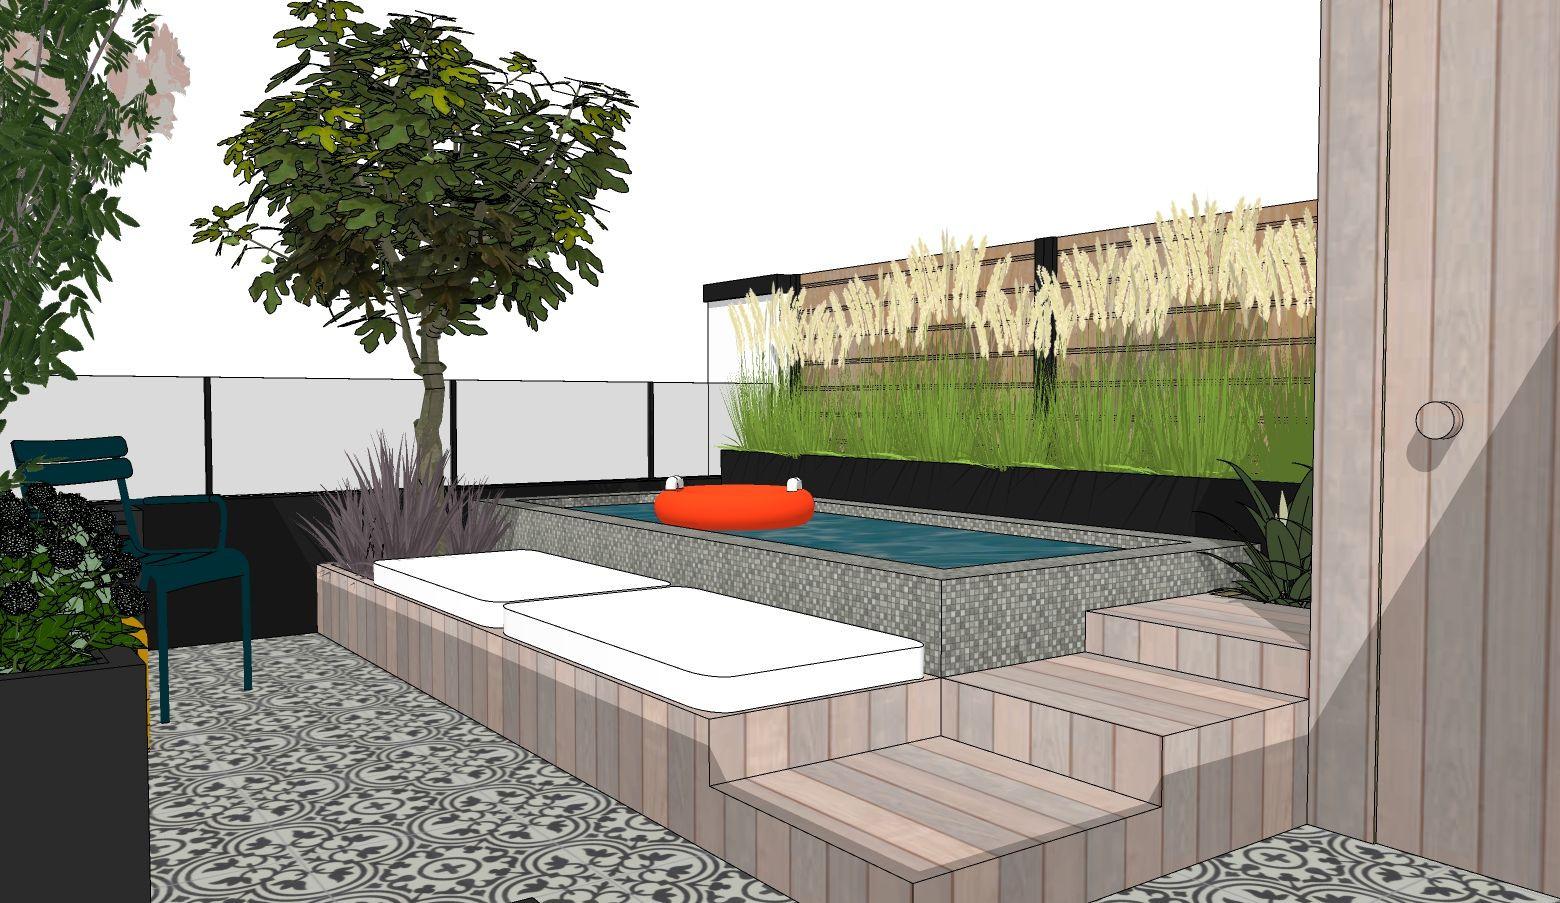 Modélisation 3D du projet de la piscine